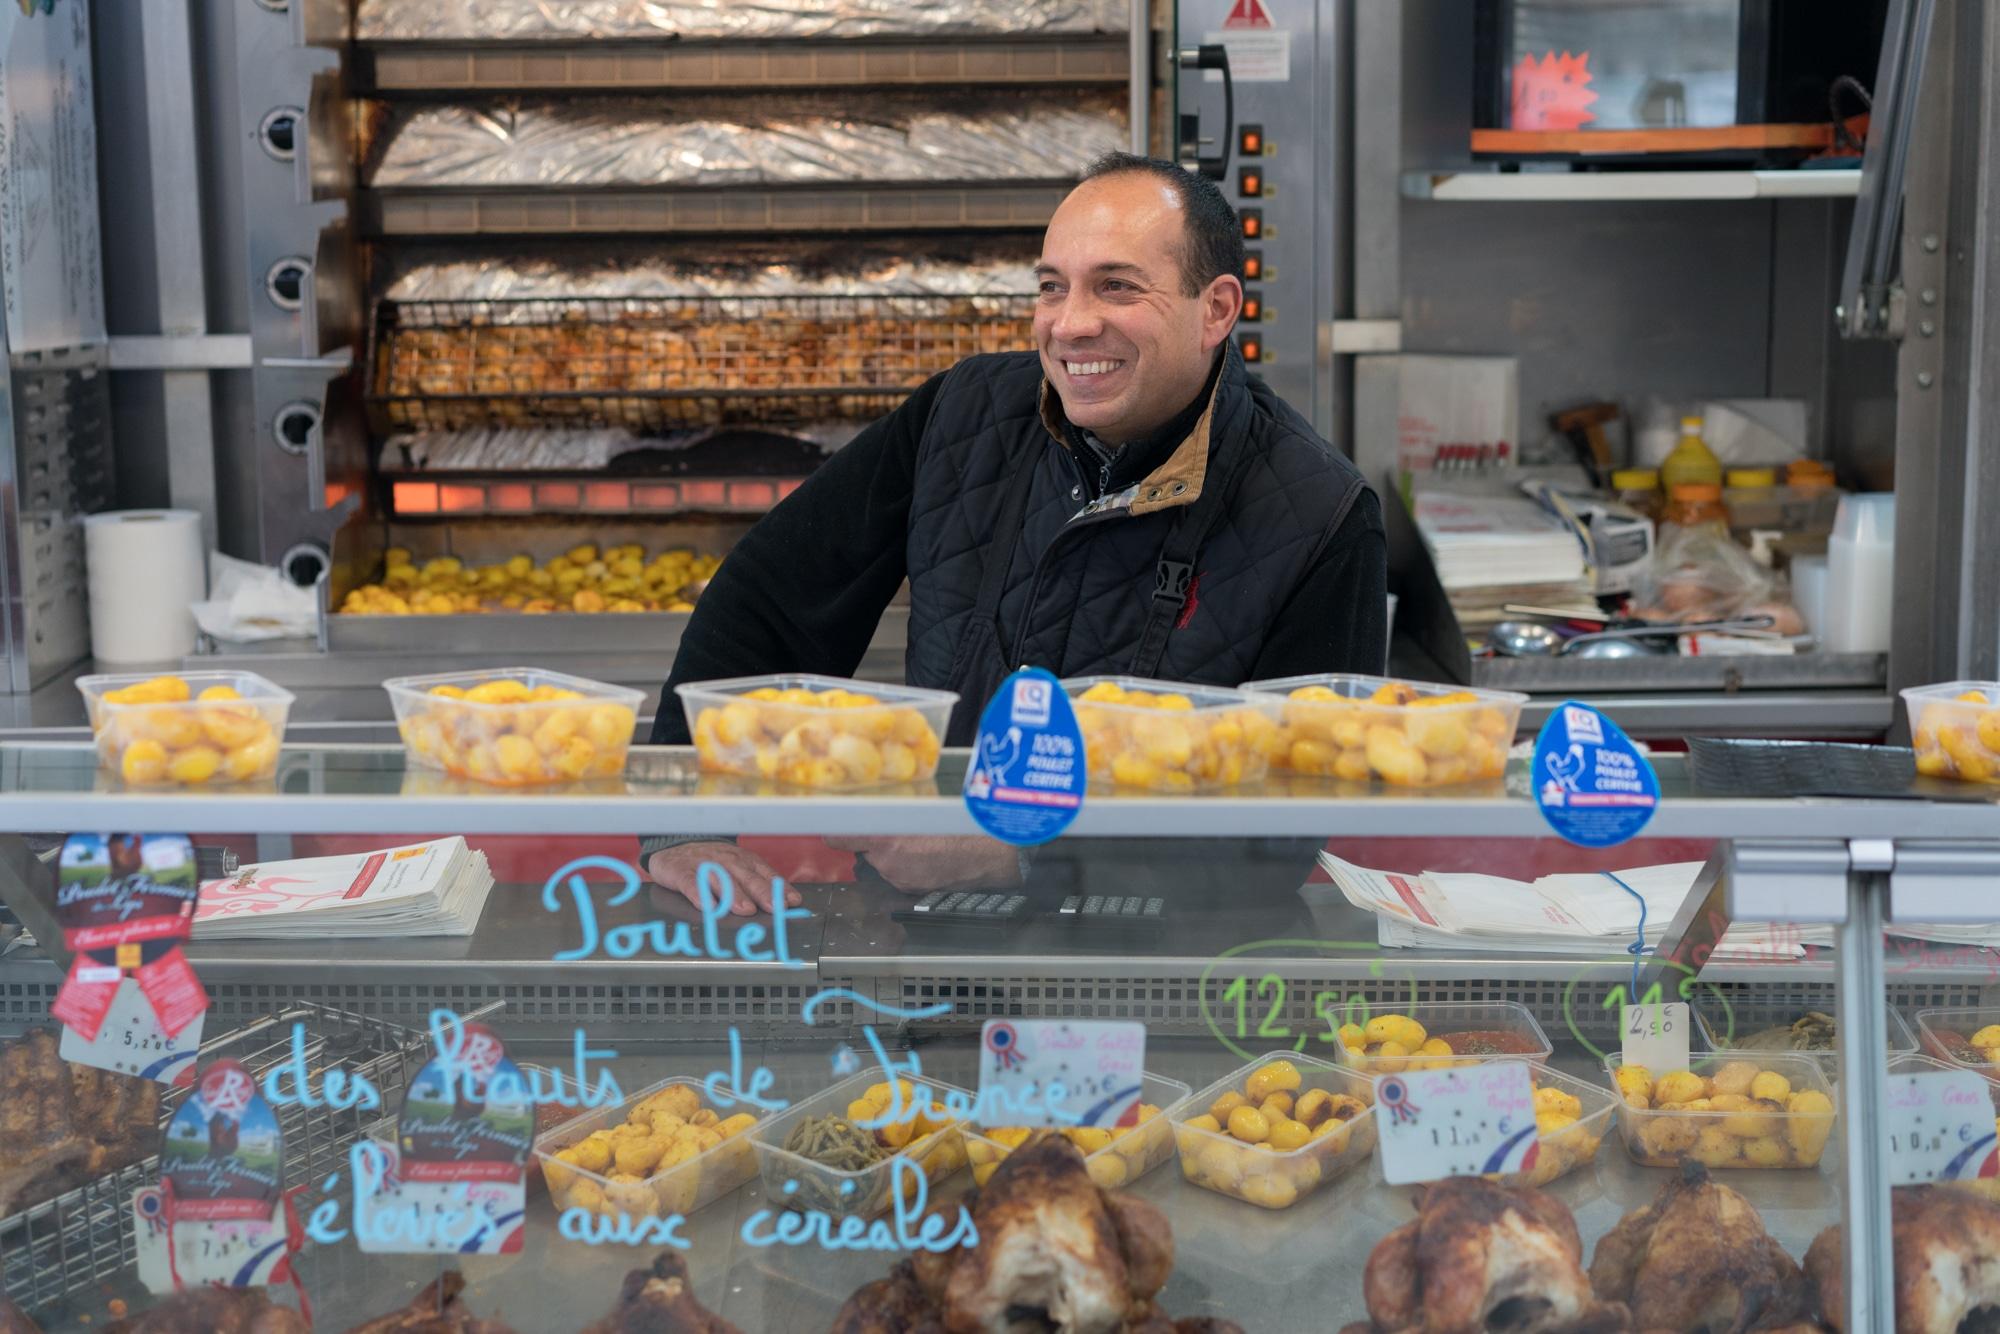 Alain, souriant, se tient dans son camion. Dans la vitrine devant lui on aperçoit des poulets et des pommes de terre.